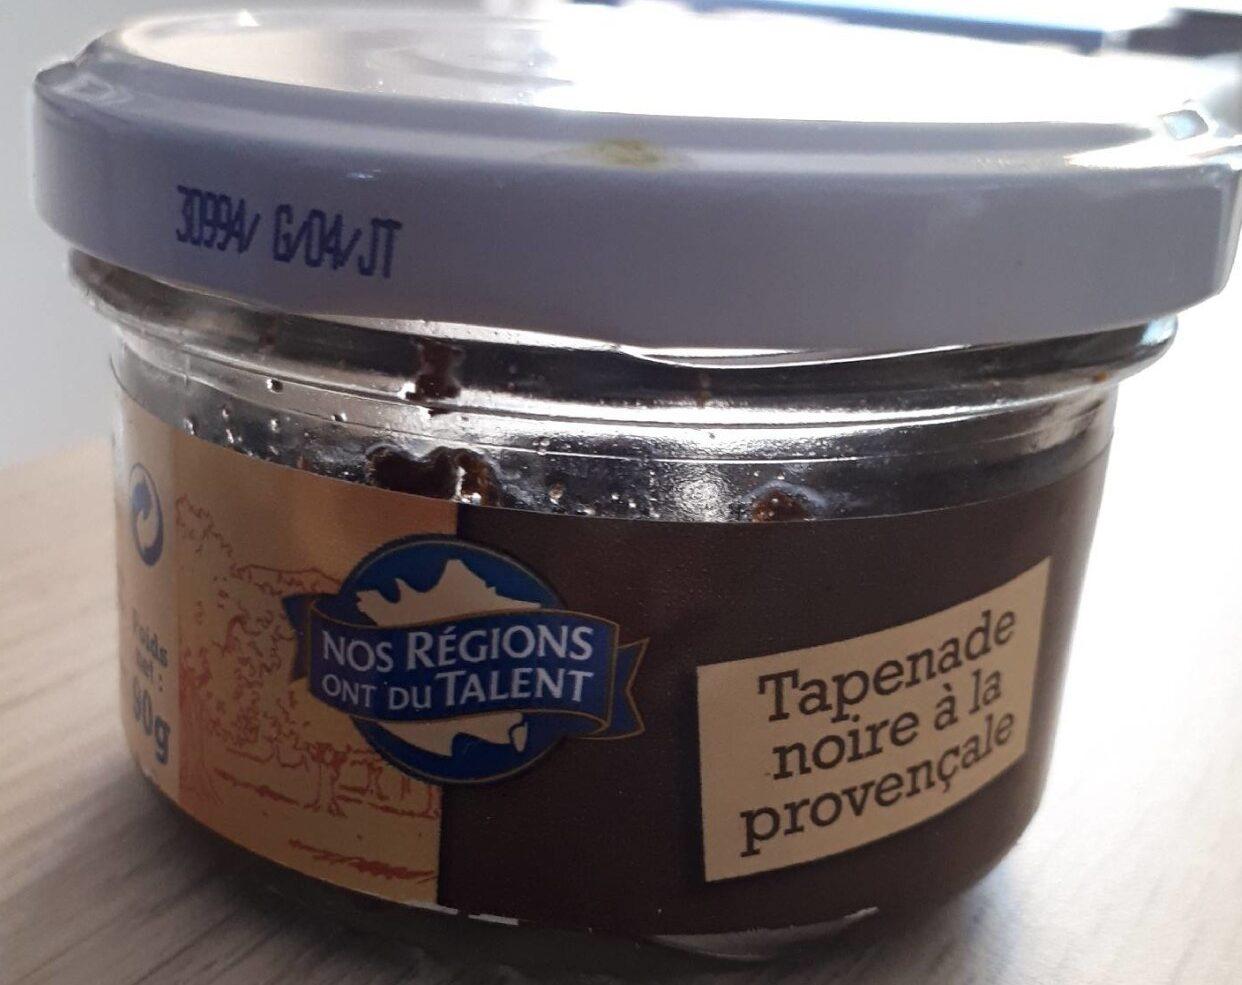 Tapenade noire à la provençale - Produit